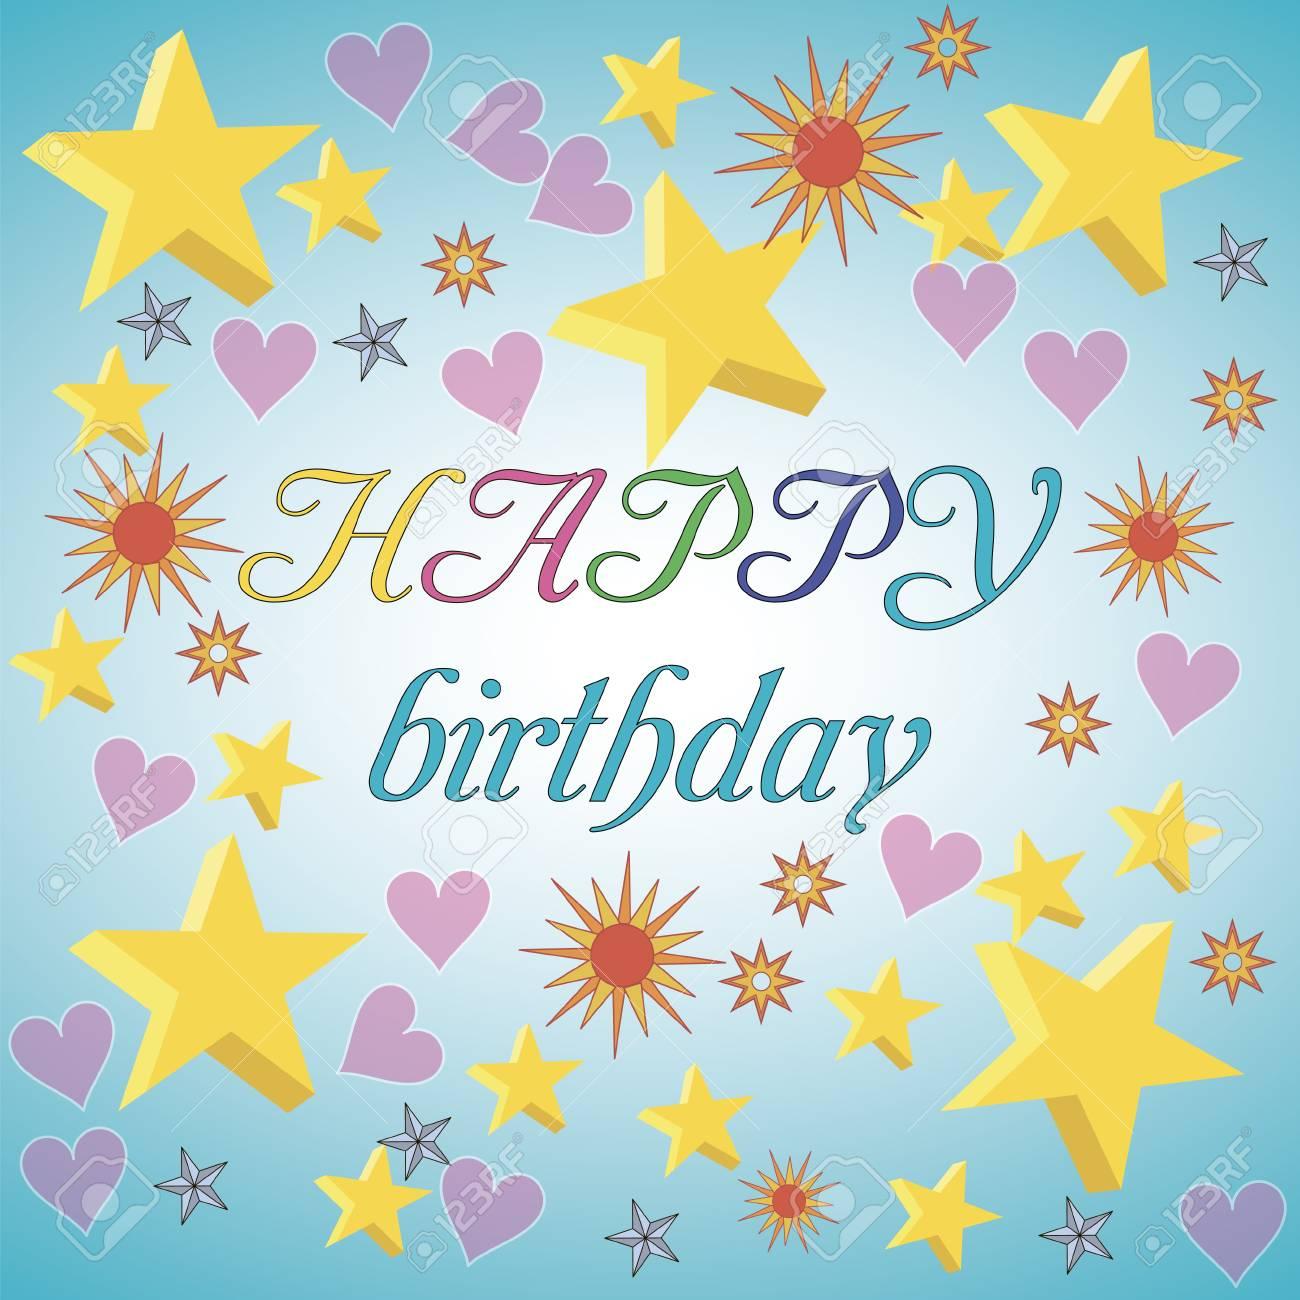 Ziemlich Alles Gute Zum Geburtstagskarte Zu Färben Fotos - Framing ...